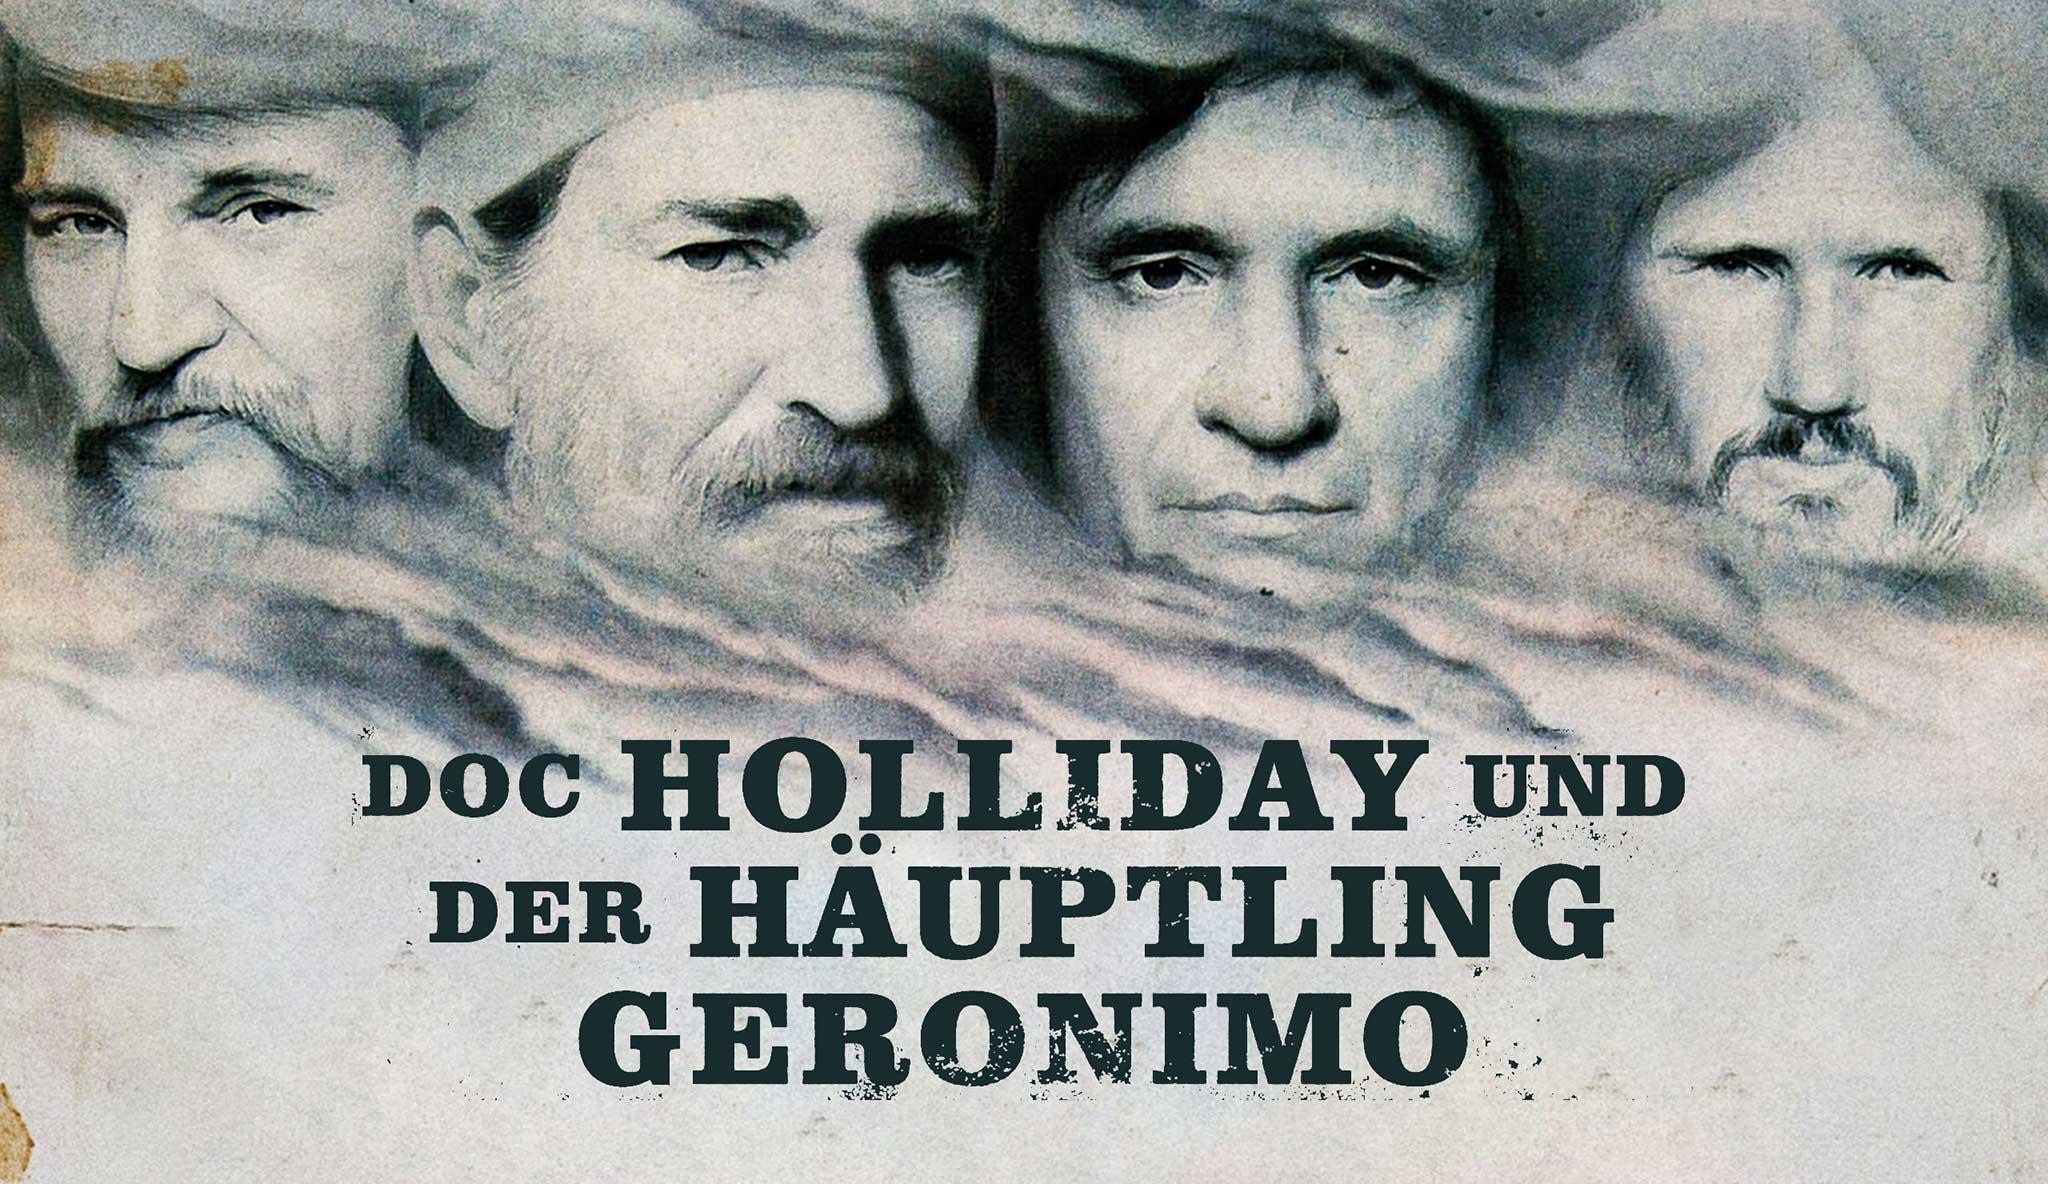 doc-holliday-und-der-hauptling-geronimo-stagecoach\header.jpg